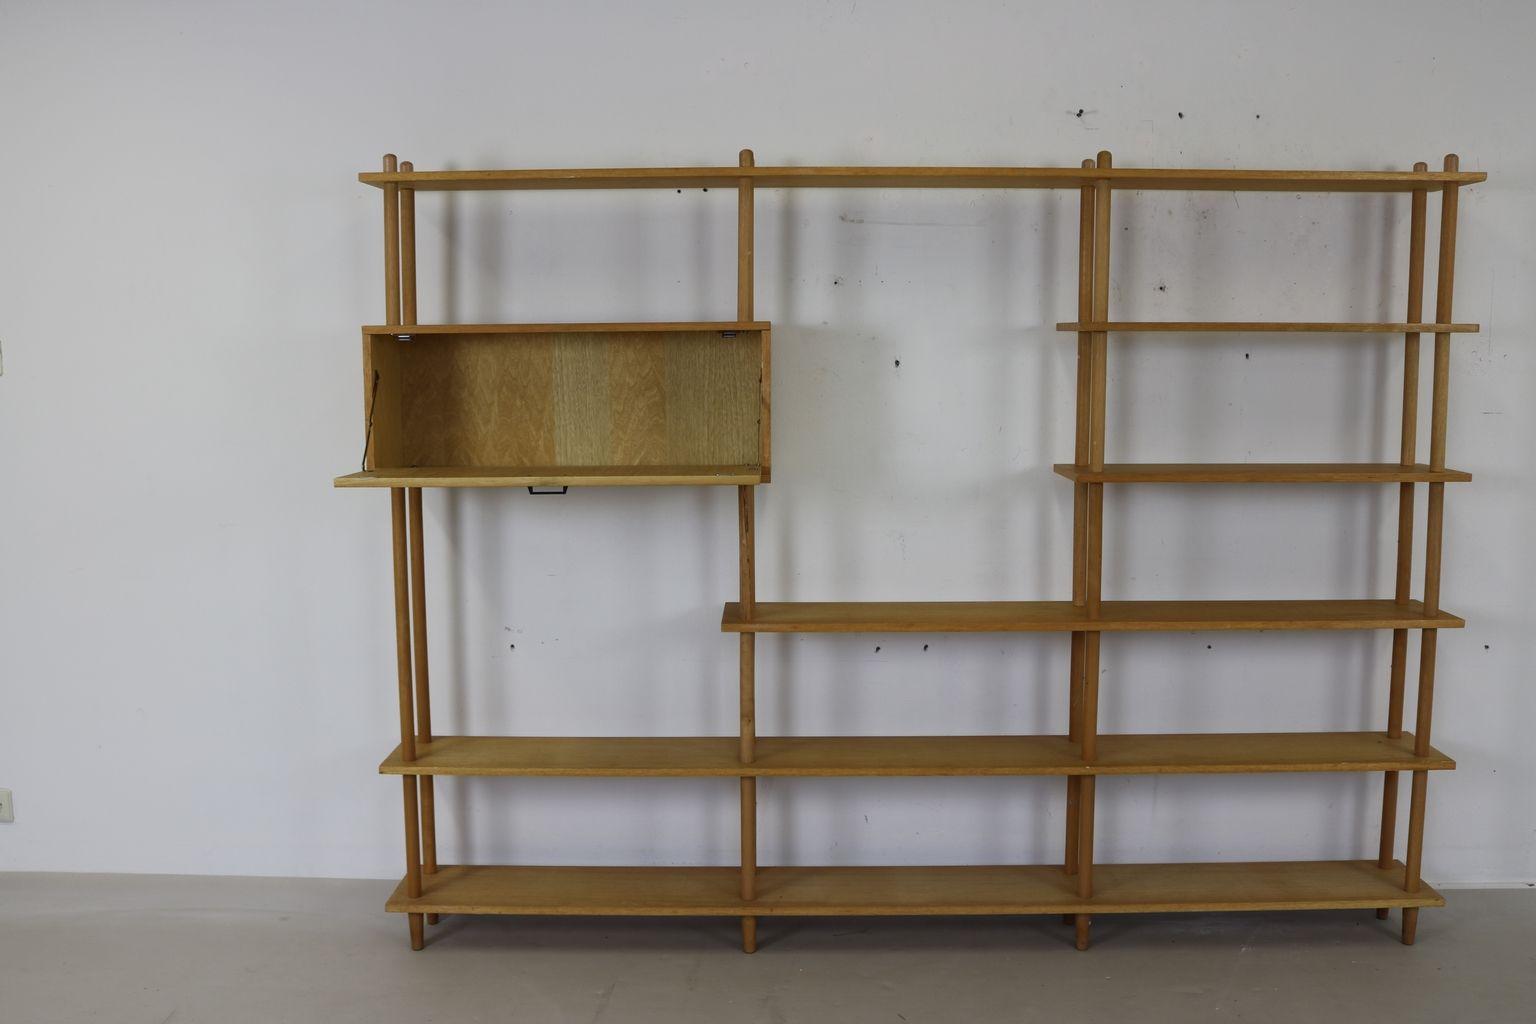 gro es niederl ndisches vintage regal bei pamono kaufen. Black Bedroom Furniture Sets. Home Design Ideas